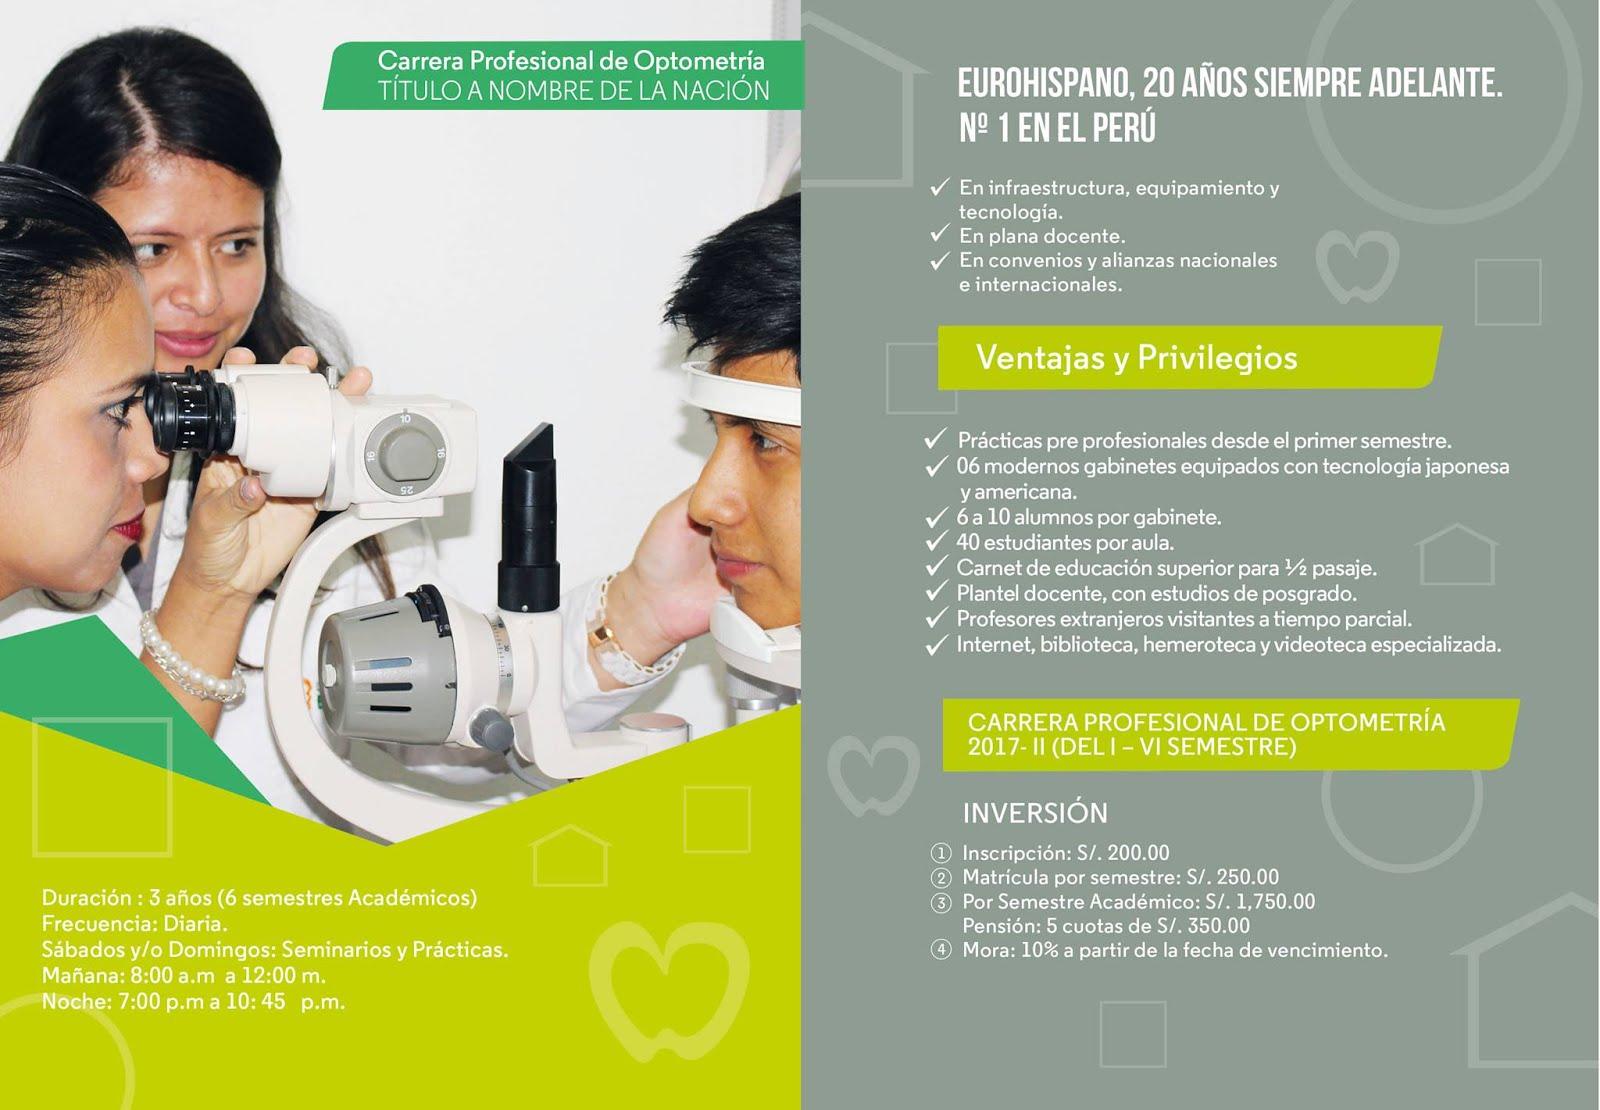 Estudia Optometria Admisión 2017